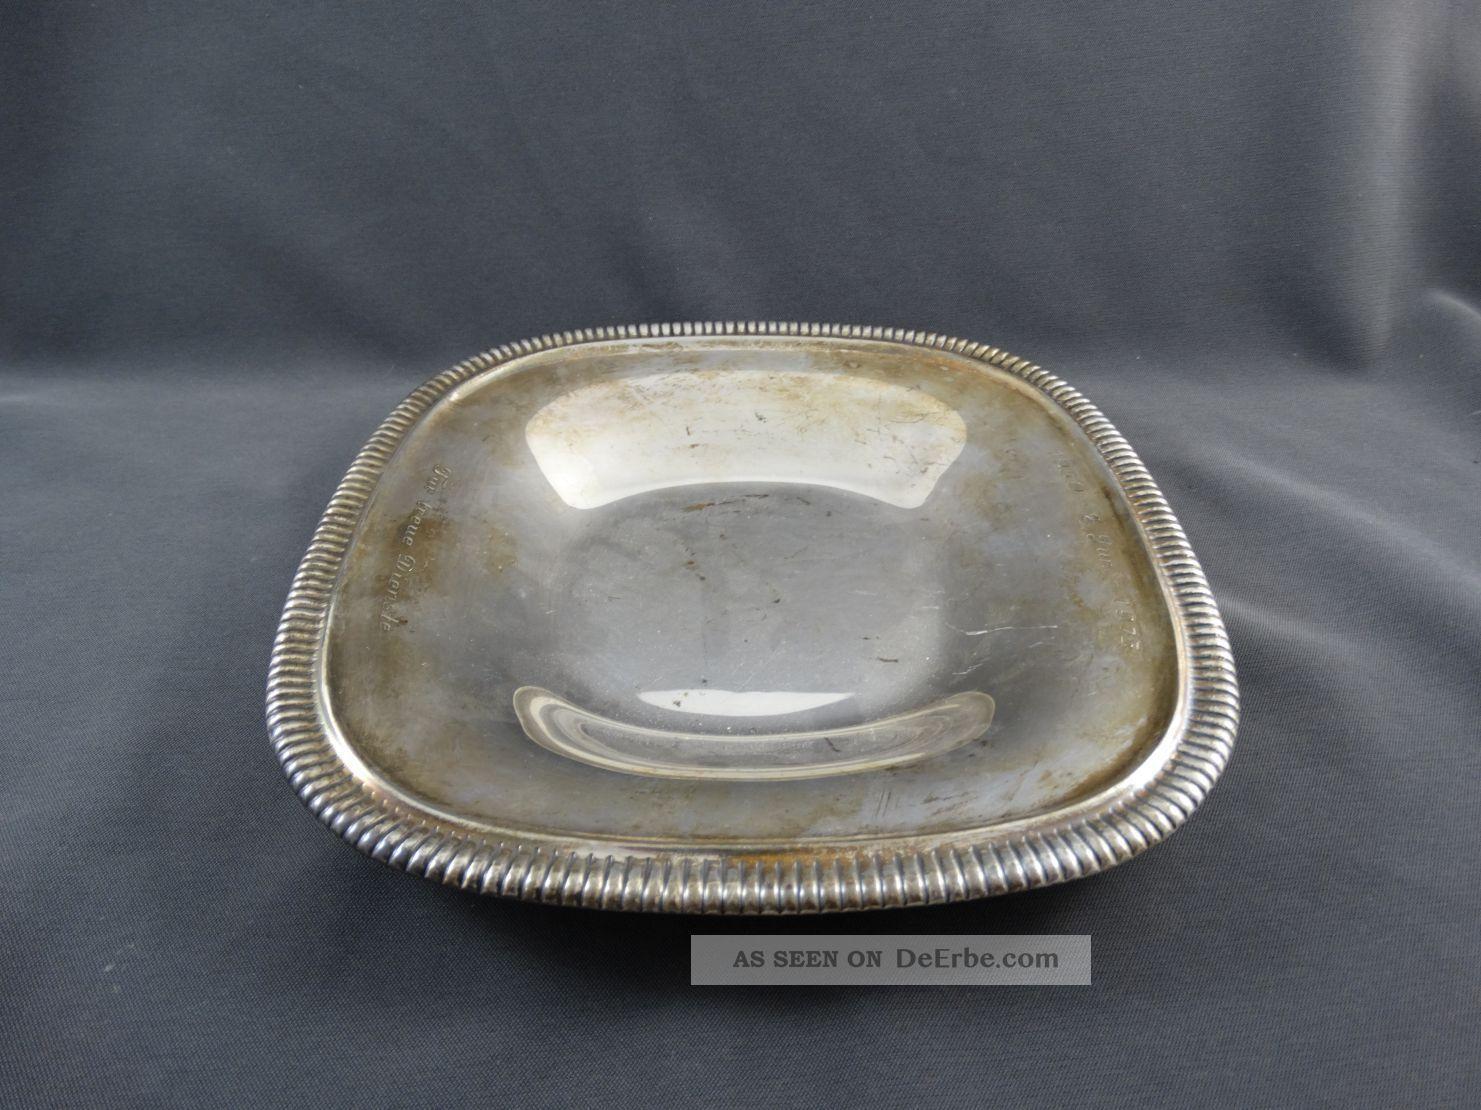 Wilkens Silber 835 Schale Quadratisch 232 G Objekte nach 1945 Bild